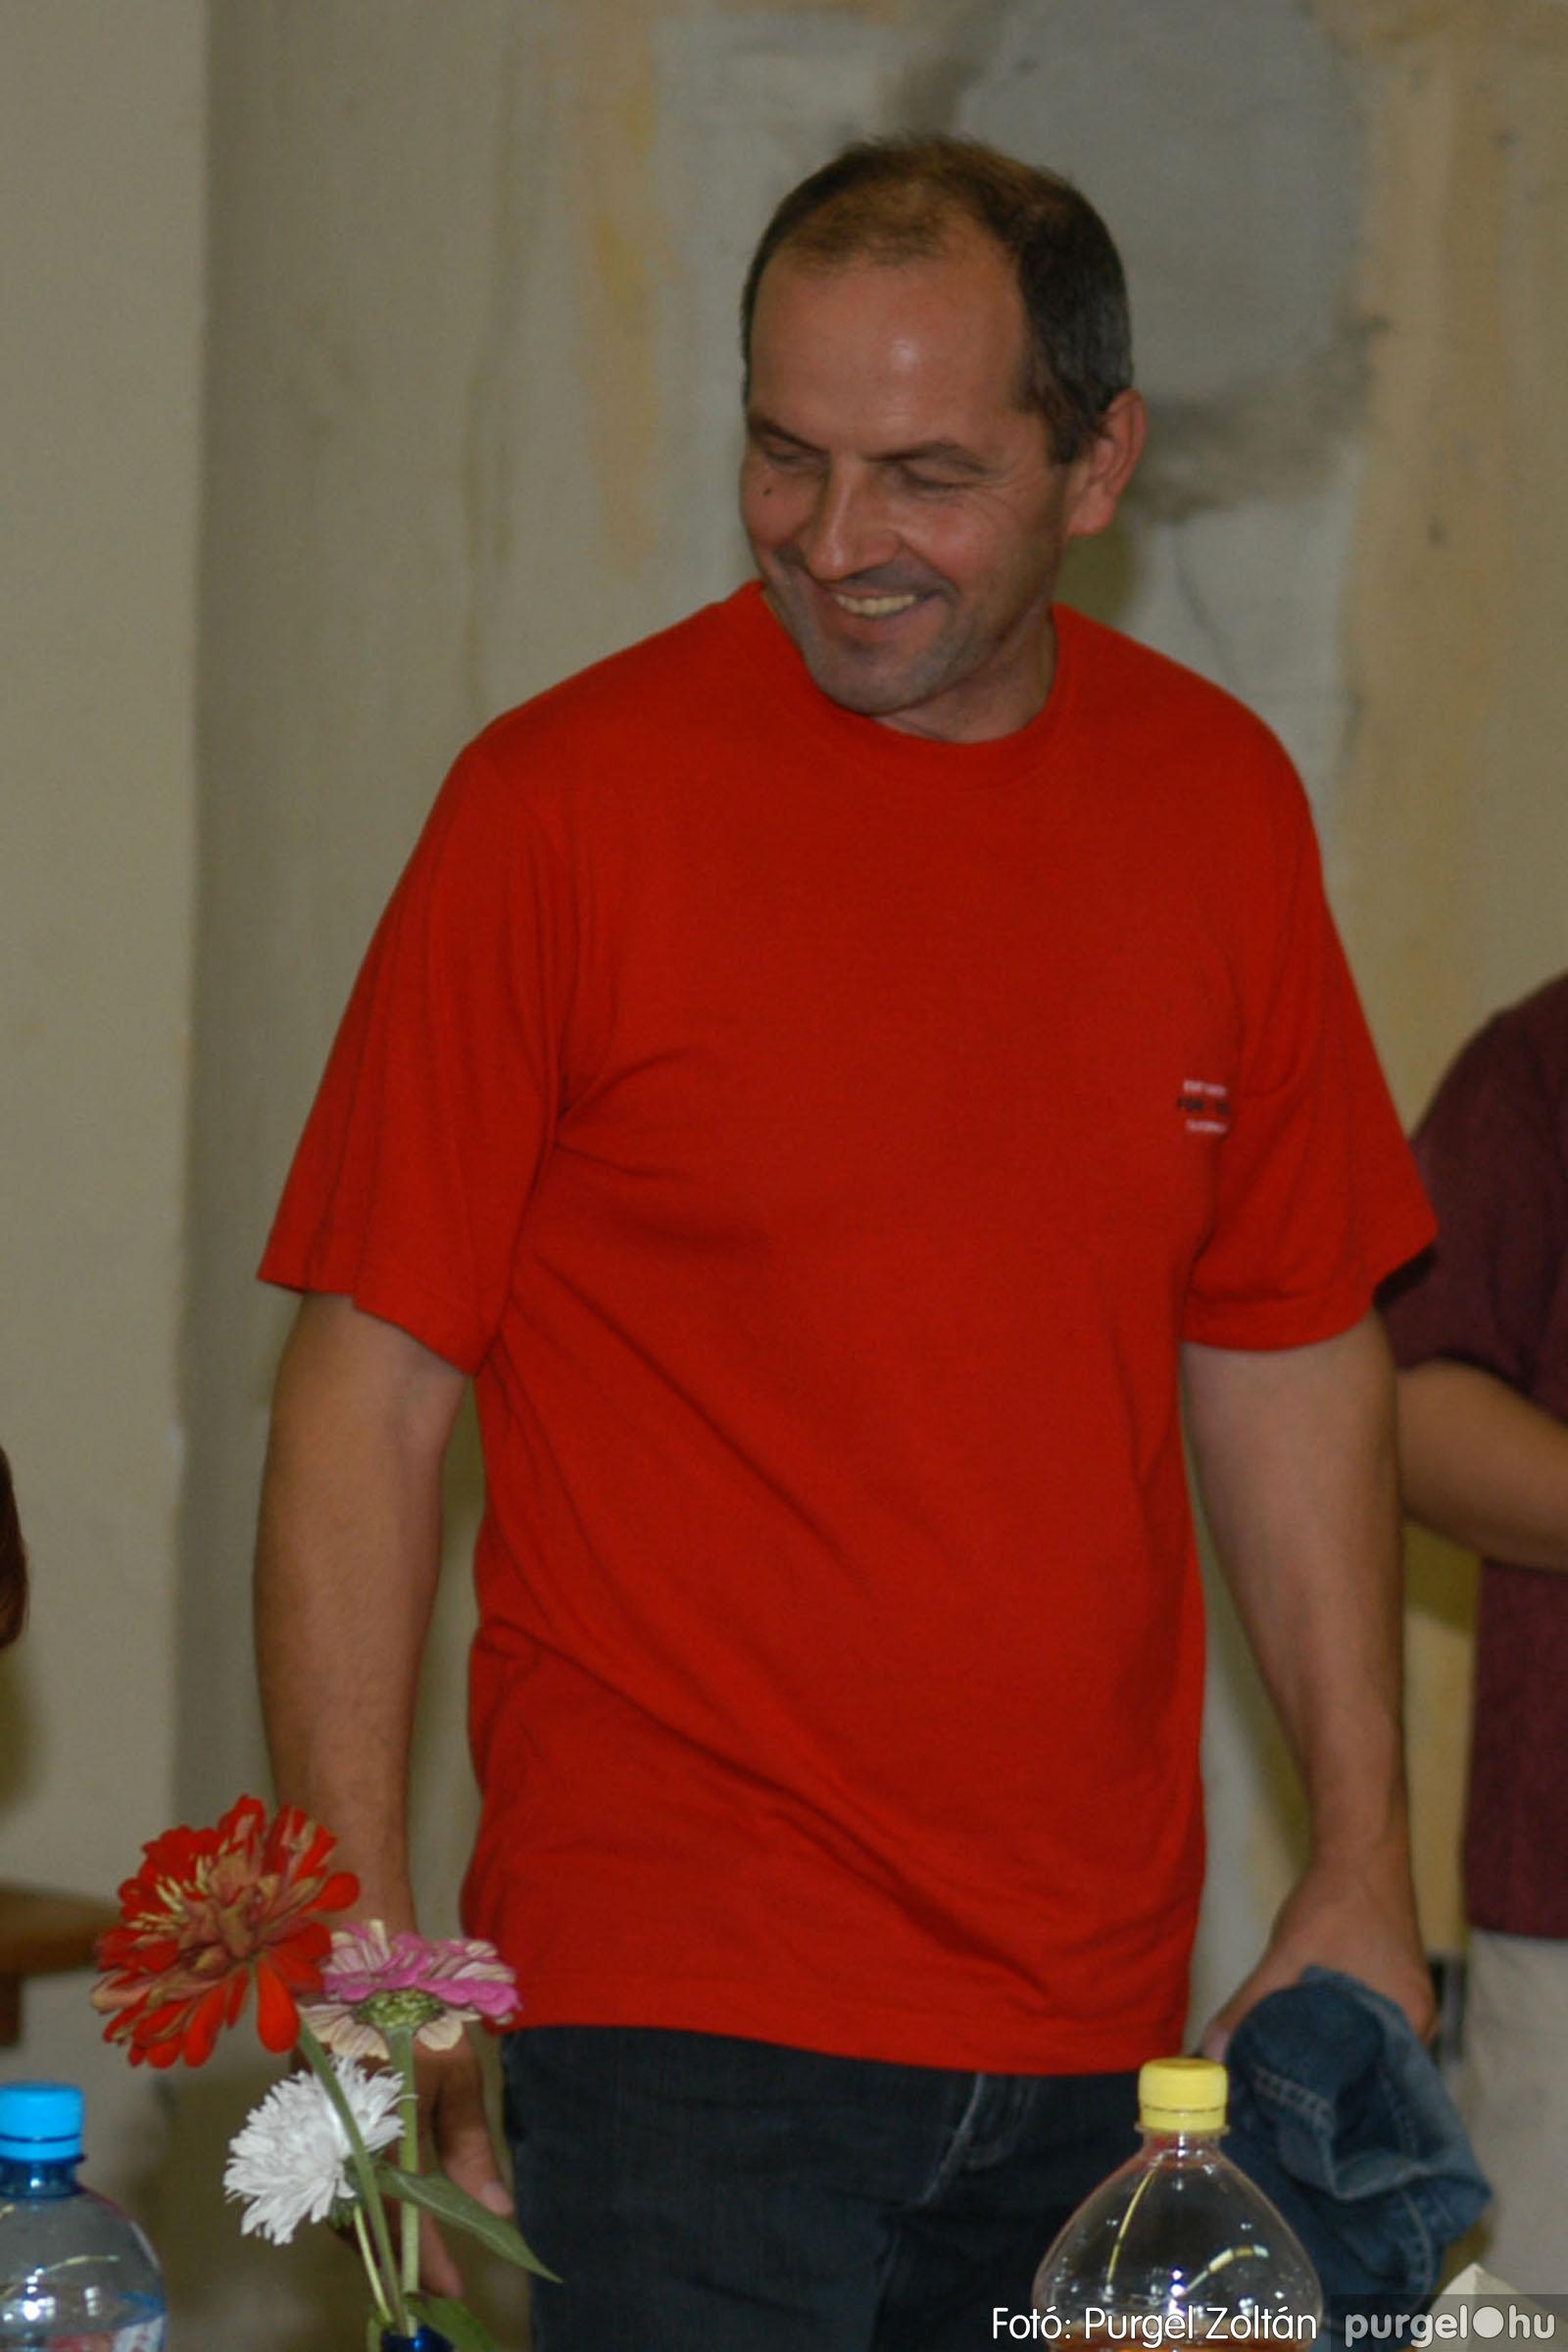 2014.09.06. 192 Állami gondozottak találkozója - Fotó:PURGEL ZOLTÁN© DSC_0468q.jpg